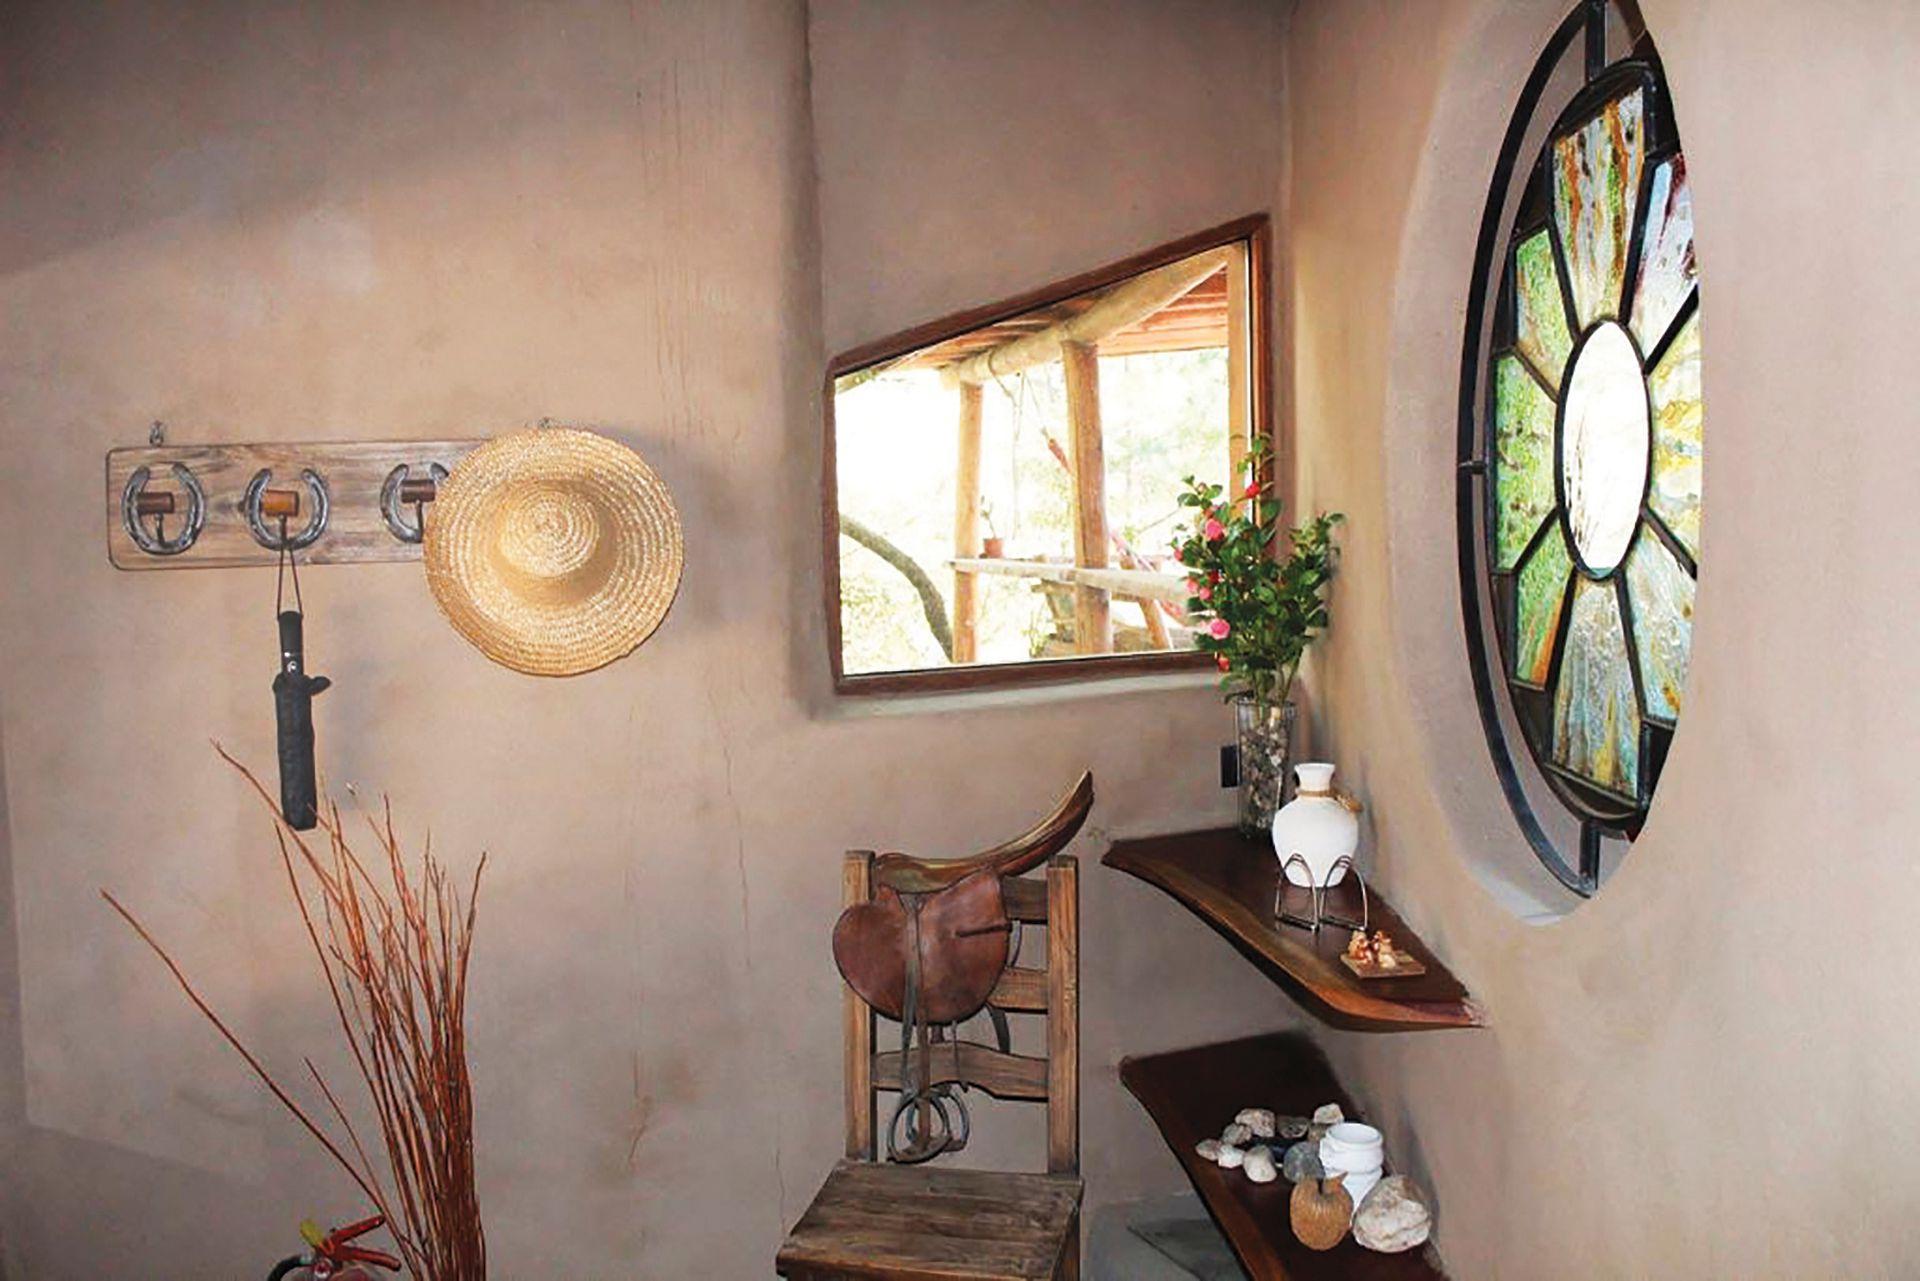 Cabaña de adobe y quincha con techo vivo en Córdoba estudio Hombre de Barro. Gentileza: Loft de montaña La Anita.